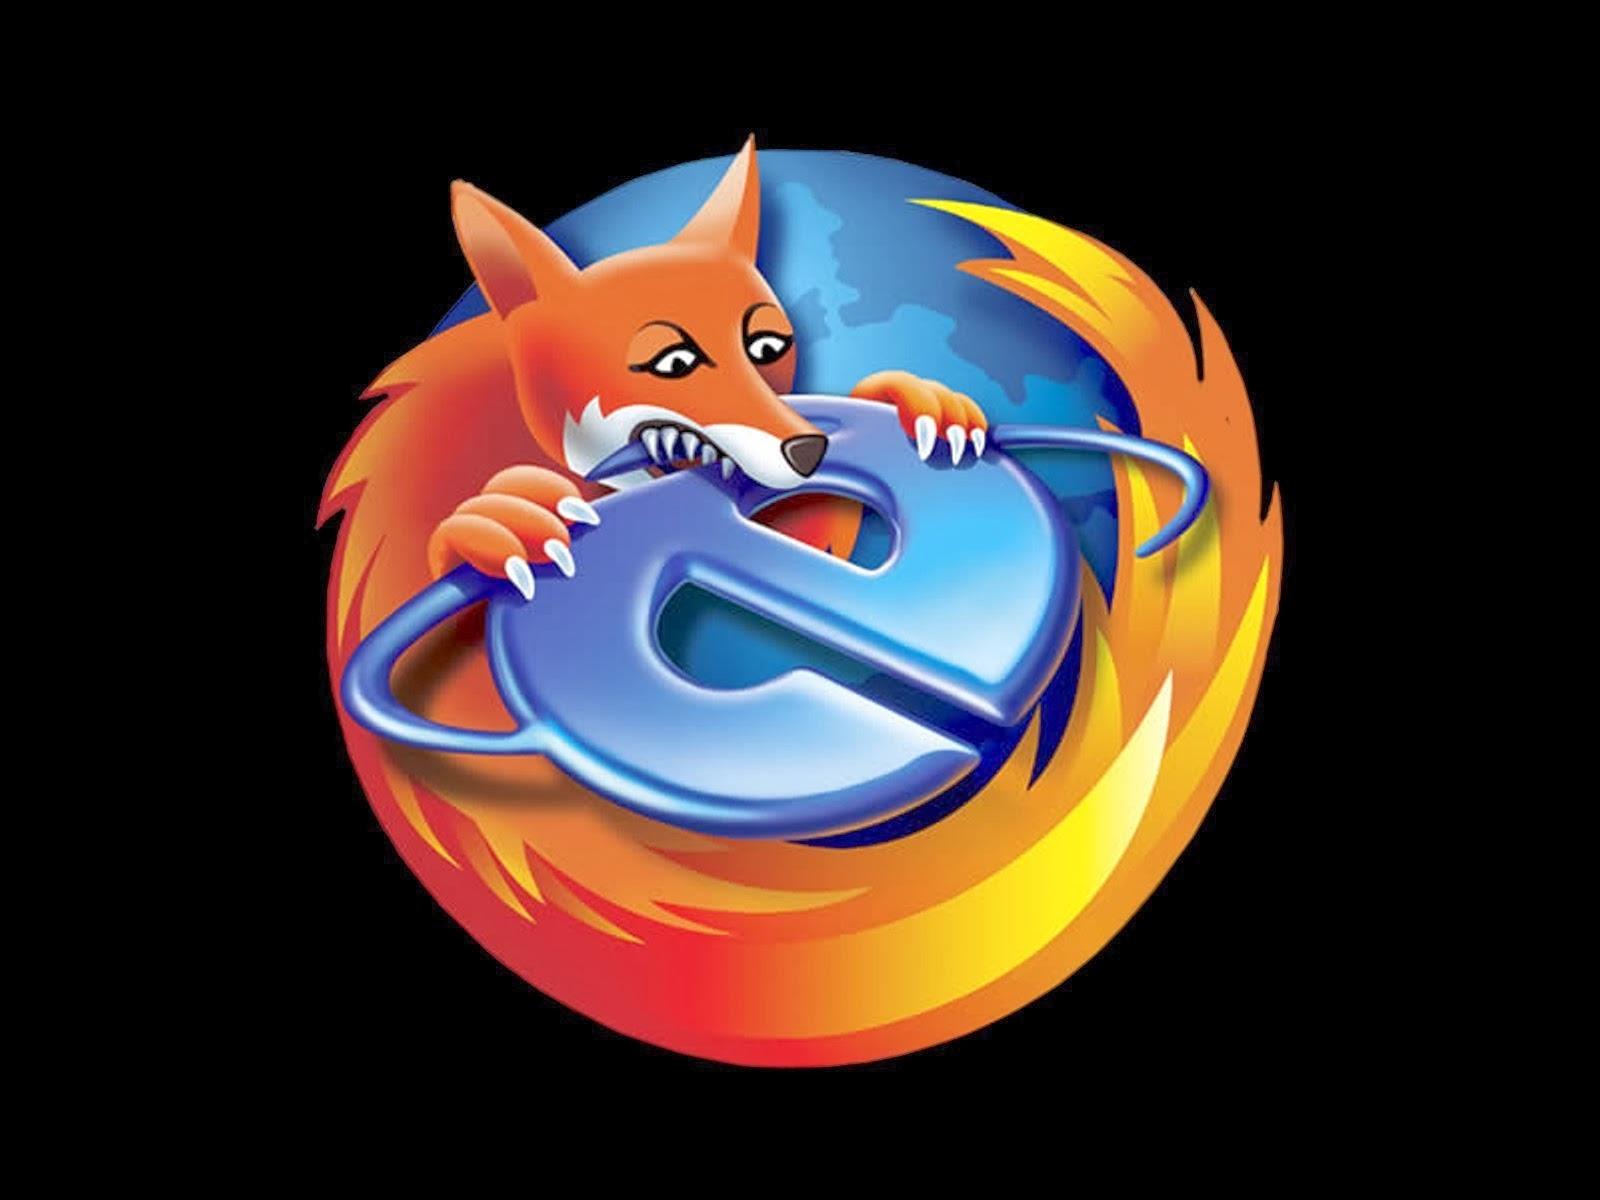 http://4.bp.blogspot.com/_w8vdEmYC4Kc/TNFcI7jT4wI/AAAAAAAAAMA/vdPOQ-U8zqs/d/Firefox+Biteing+Internet+Explorer+1600x1200++%5Bby+hrwalls.blogspot.com%5D.jpg